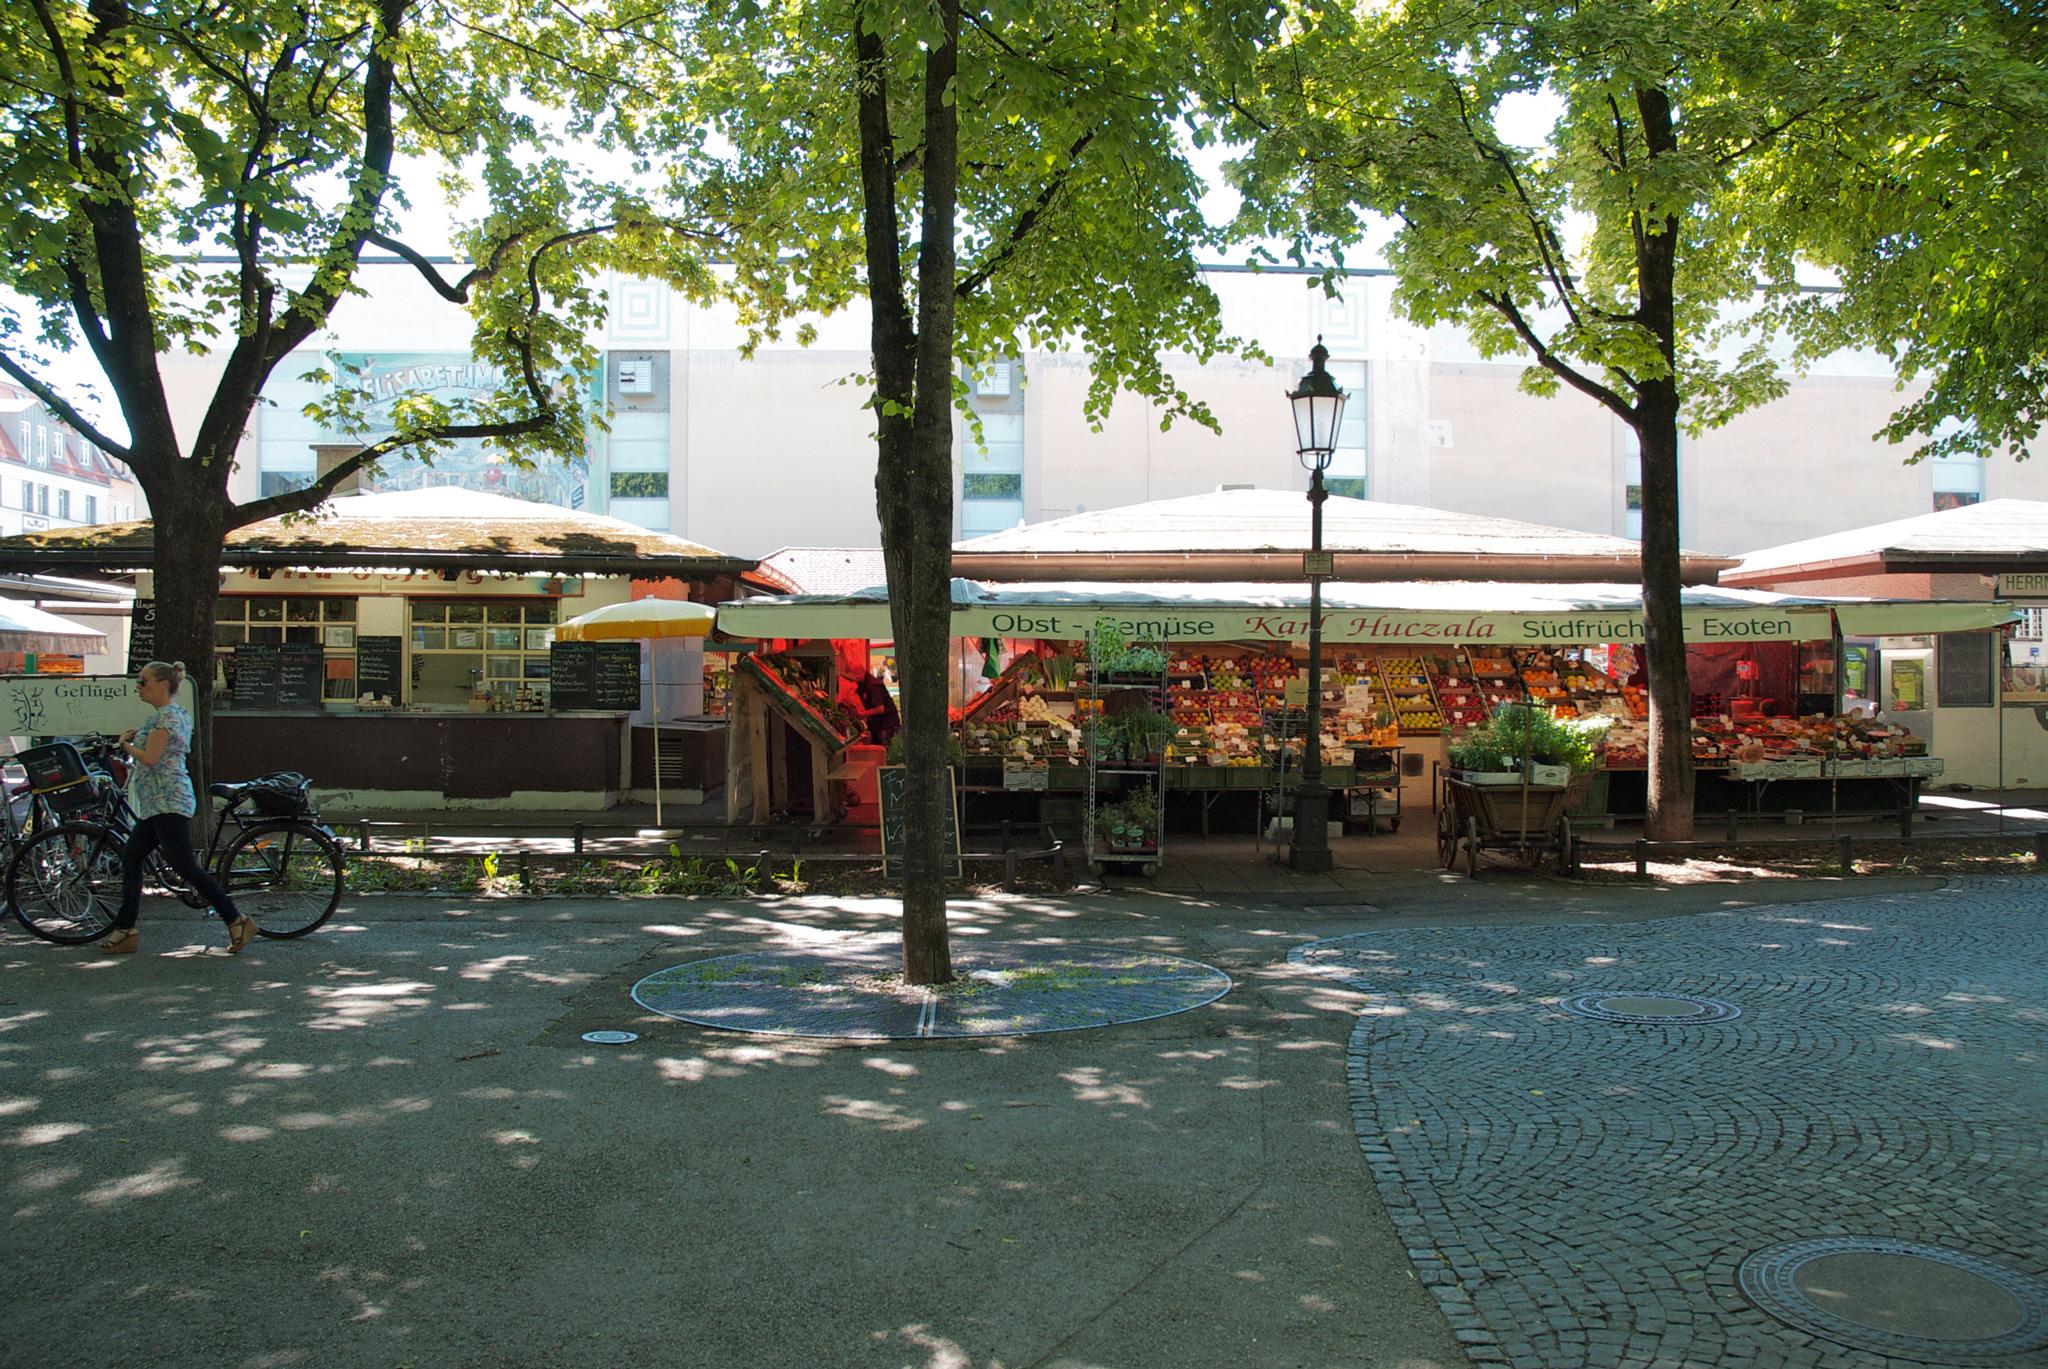 Blick auf die Marktbuden am Elisabethplatz